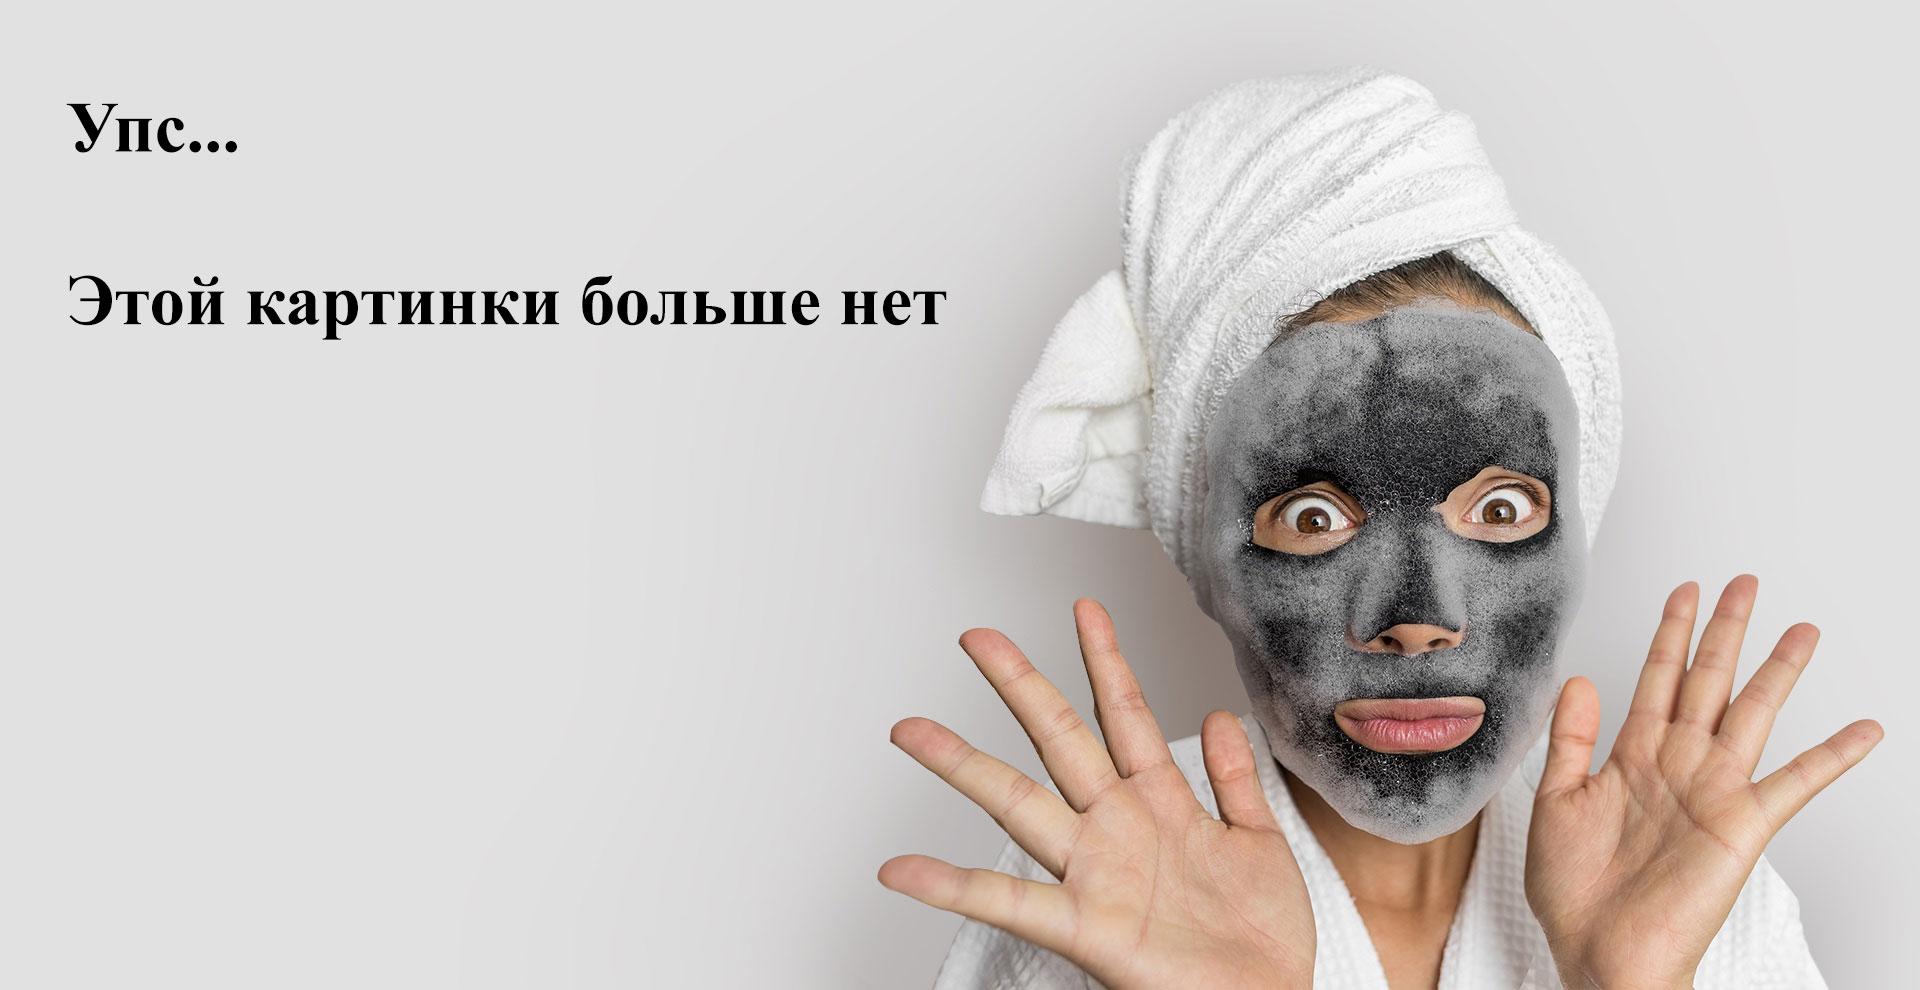 Masura, Гель-лак «Кошачий глаз» №295-25S, Жемчужина Счастья